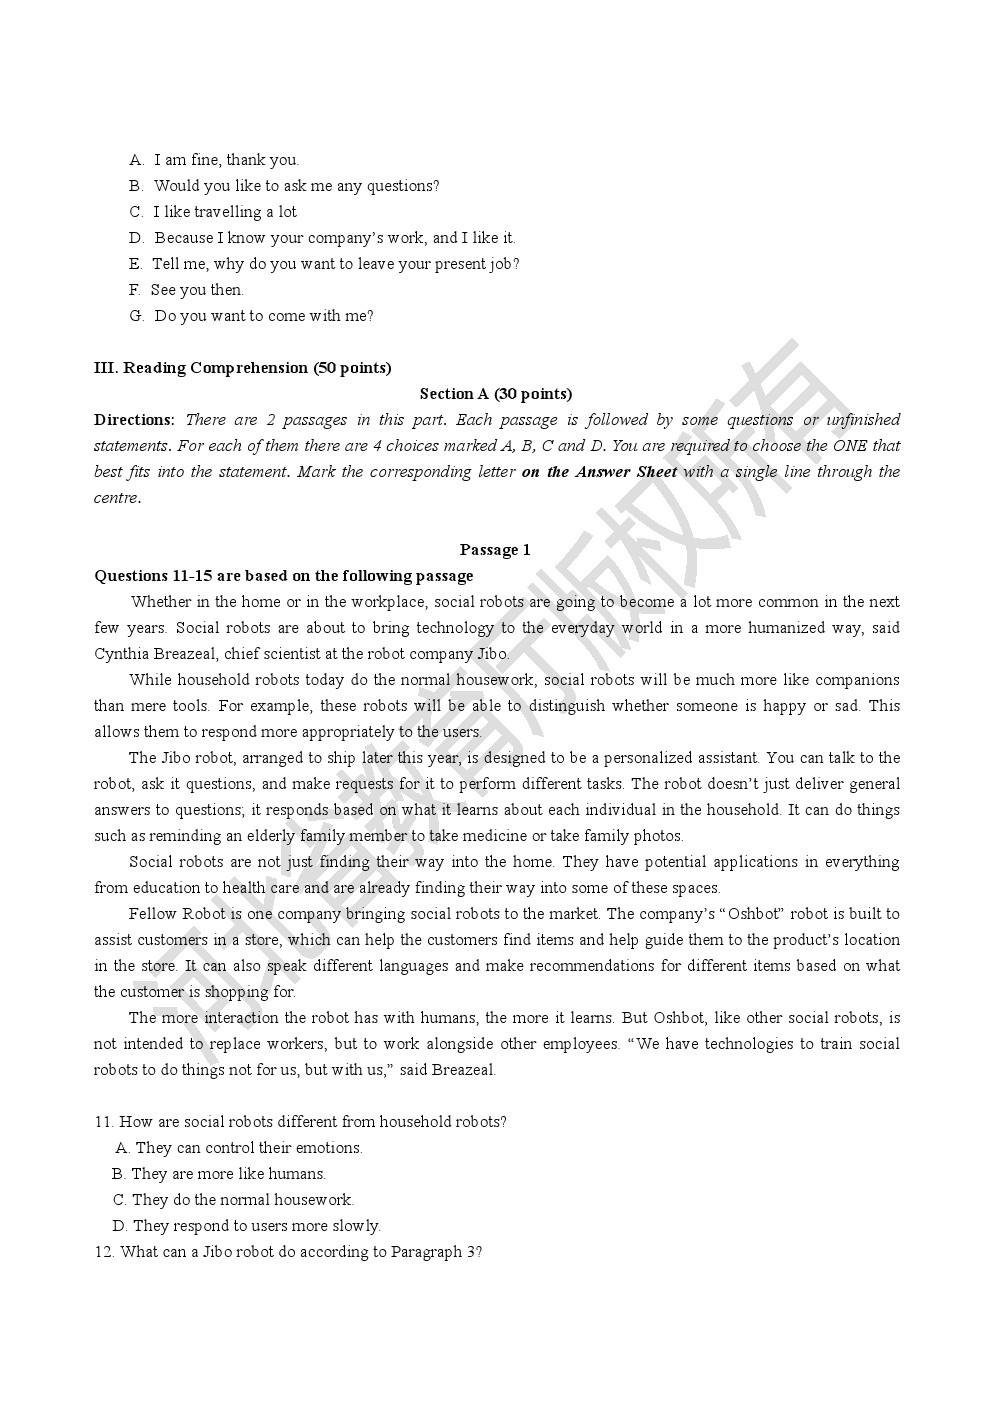 2020年河北省专接本考试公共课-英语考试说明